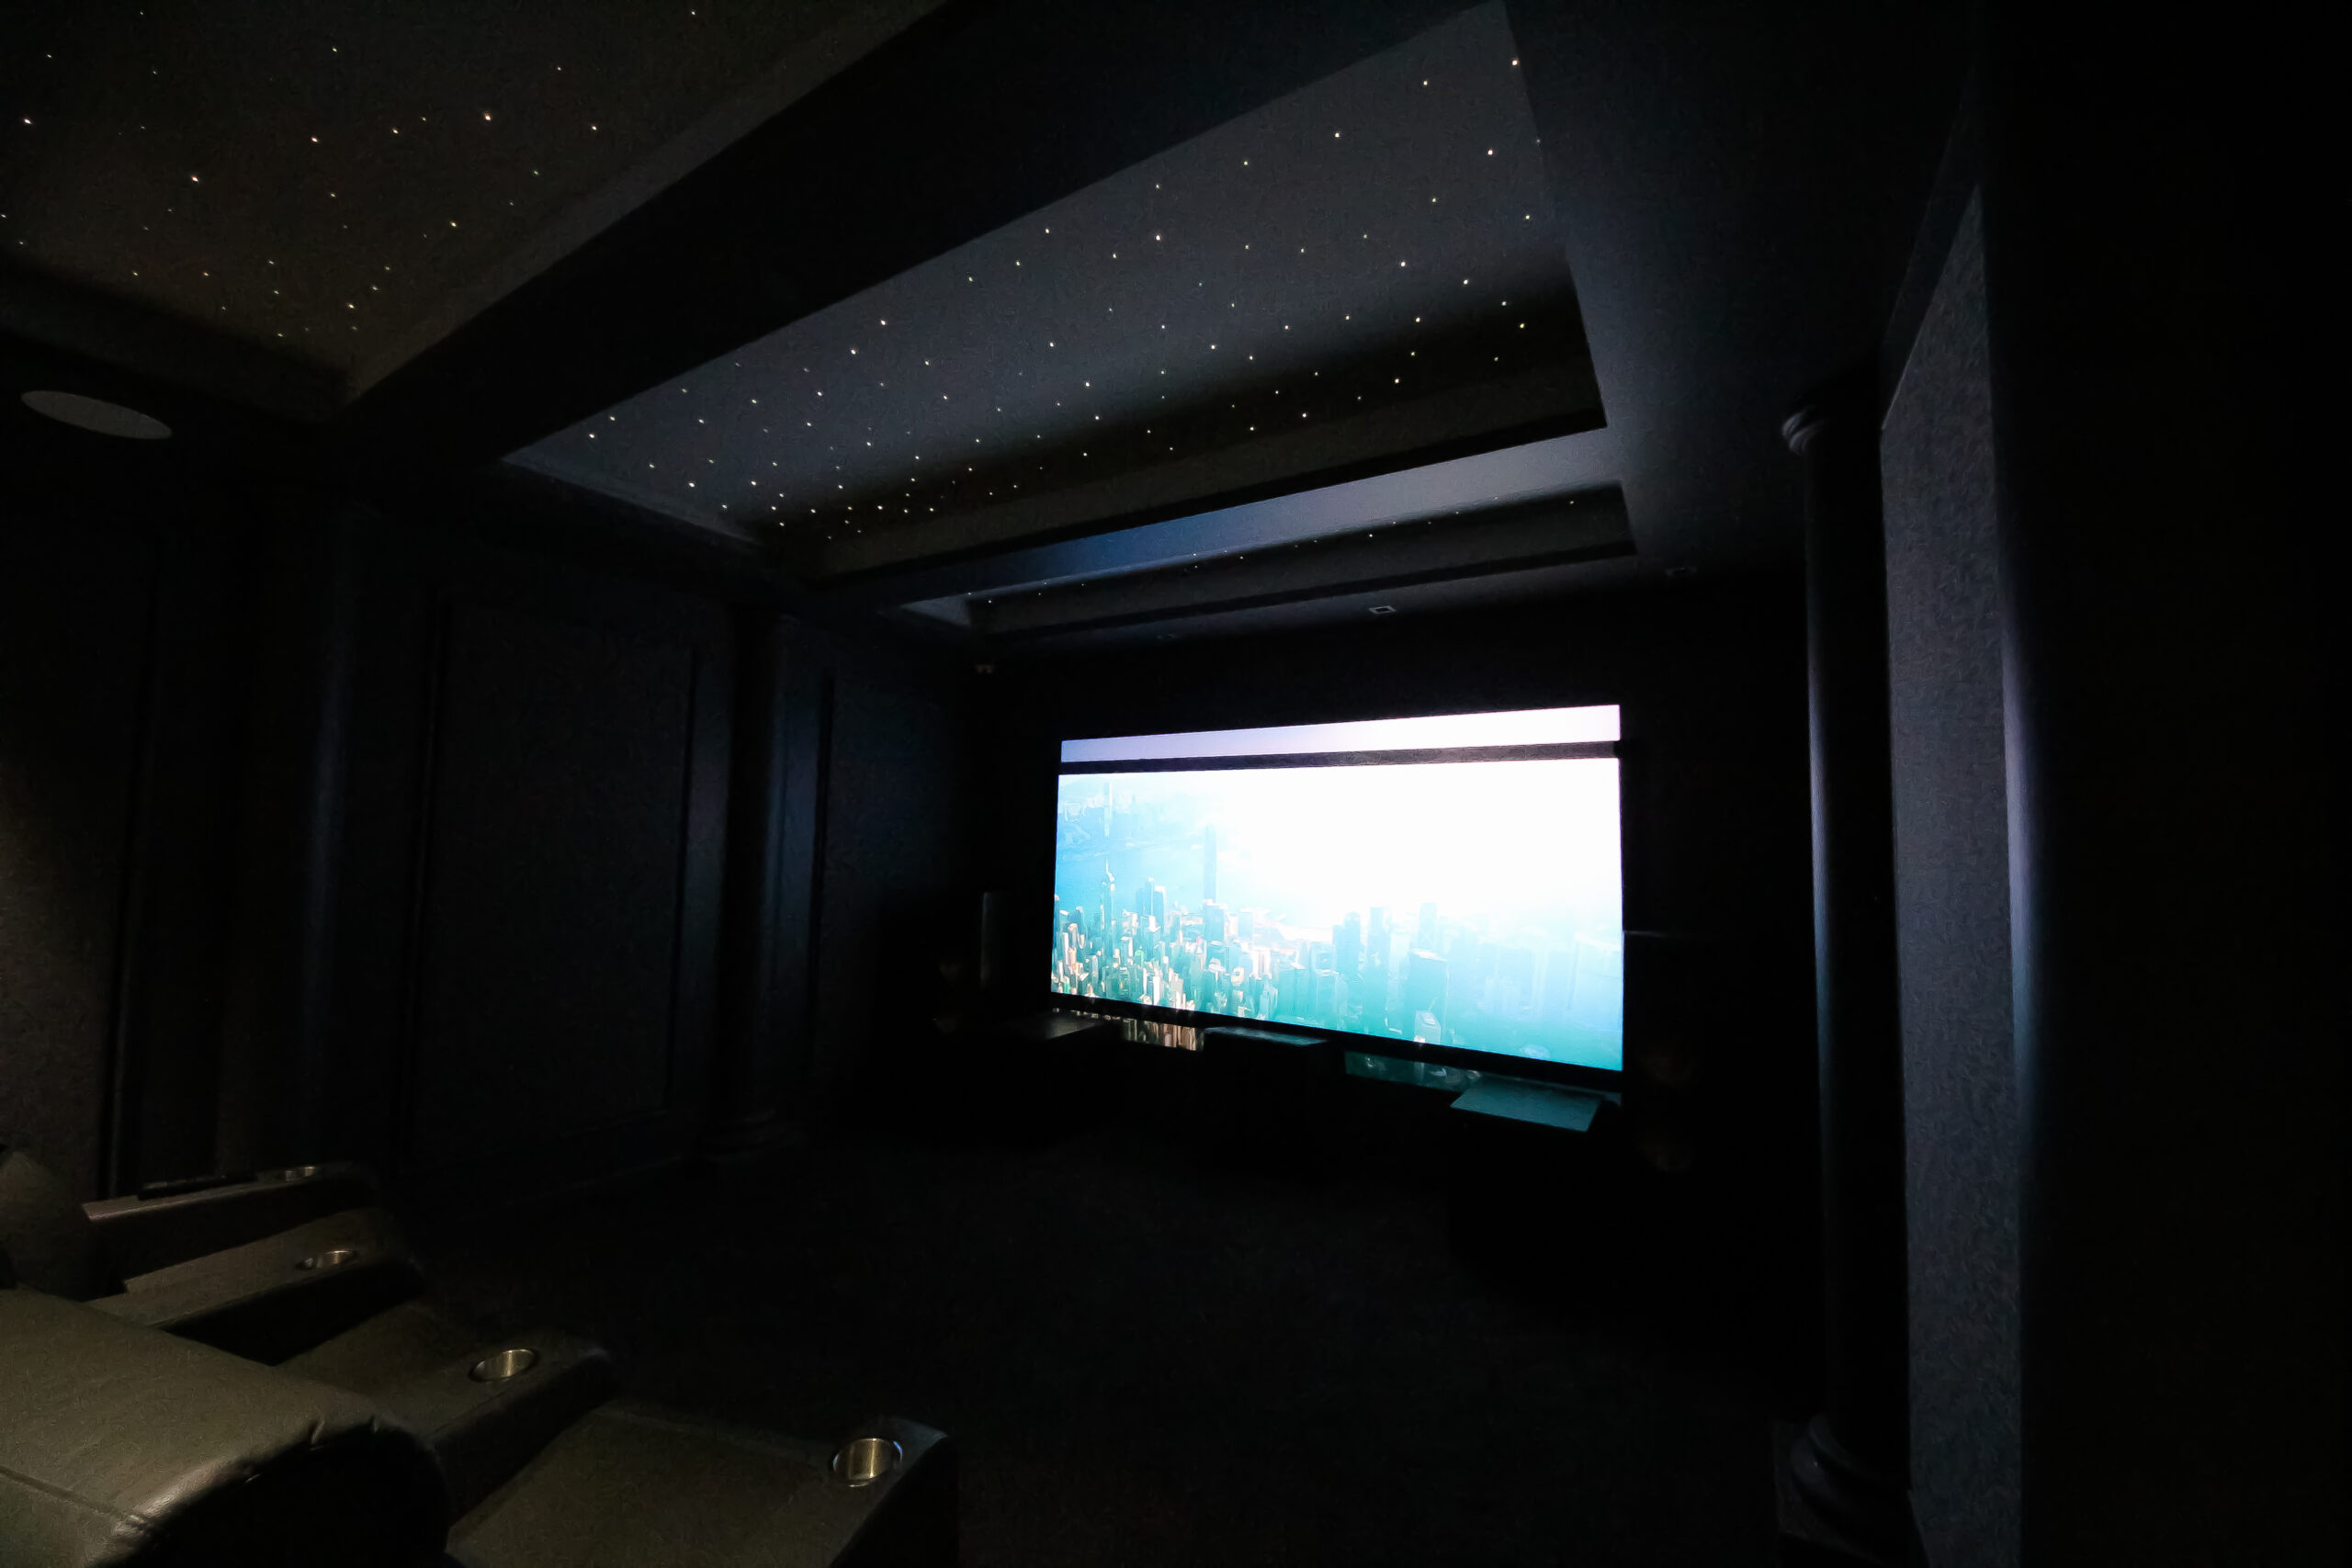 THEATRE ROOM 5